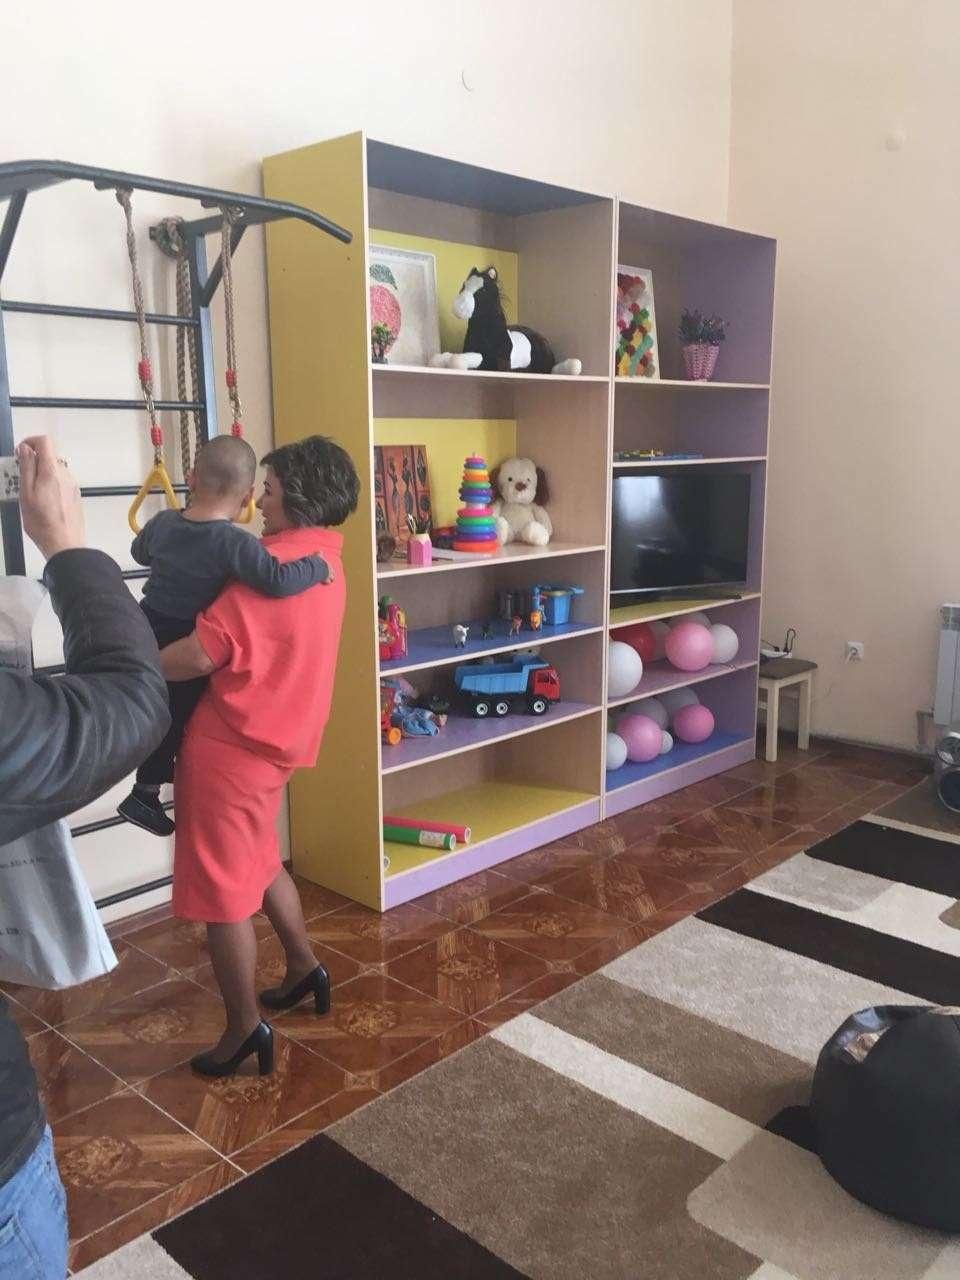 Директор приюта играет с ребёнком одной из обратившихся за помощью женщин